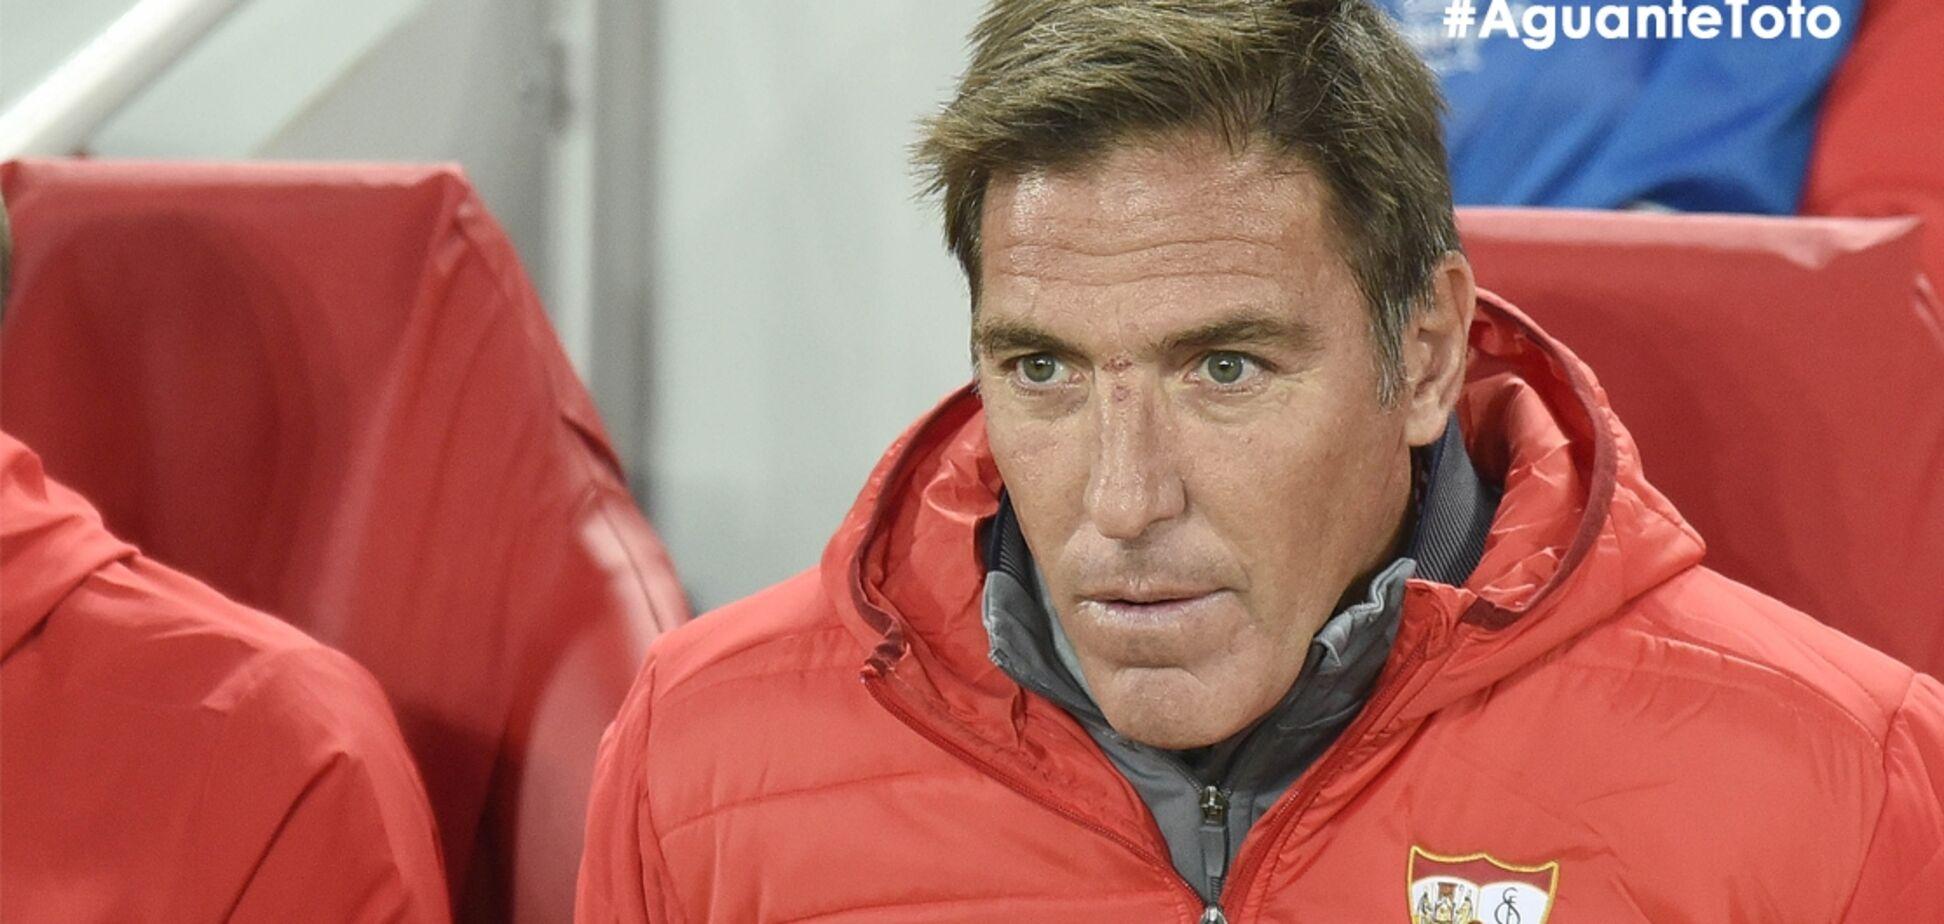 Тренер сообщил команде, что у него рак, и она отыгралась с 0-3: видео обзор матча Лиги чемпионов